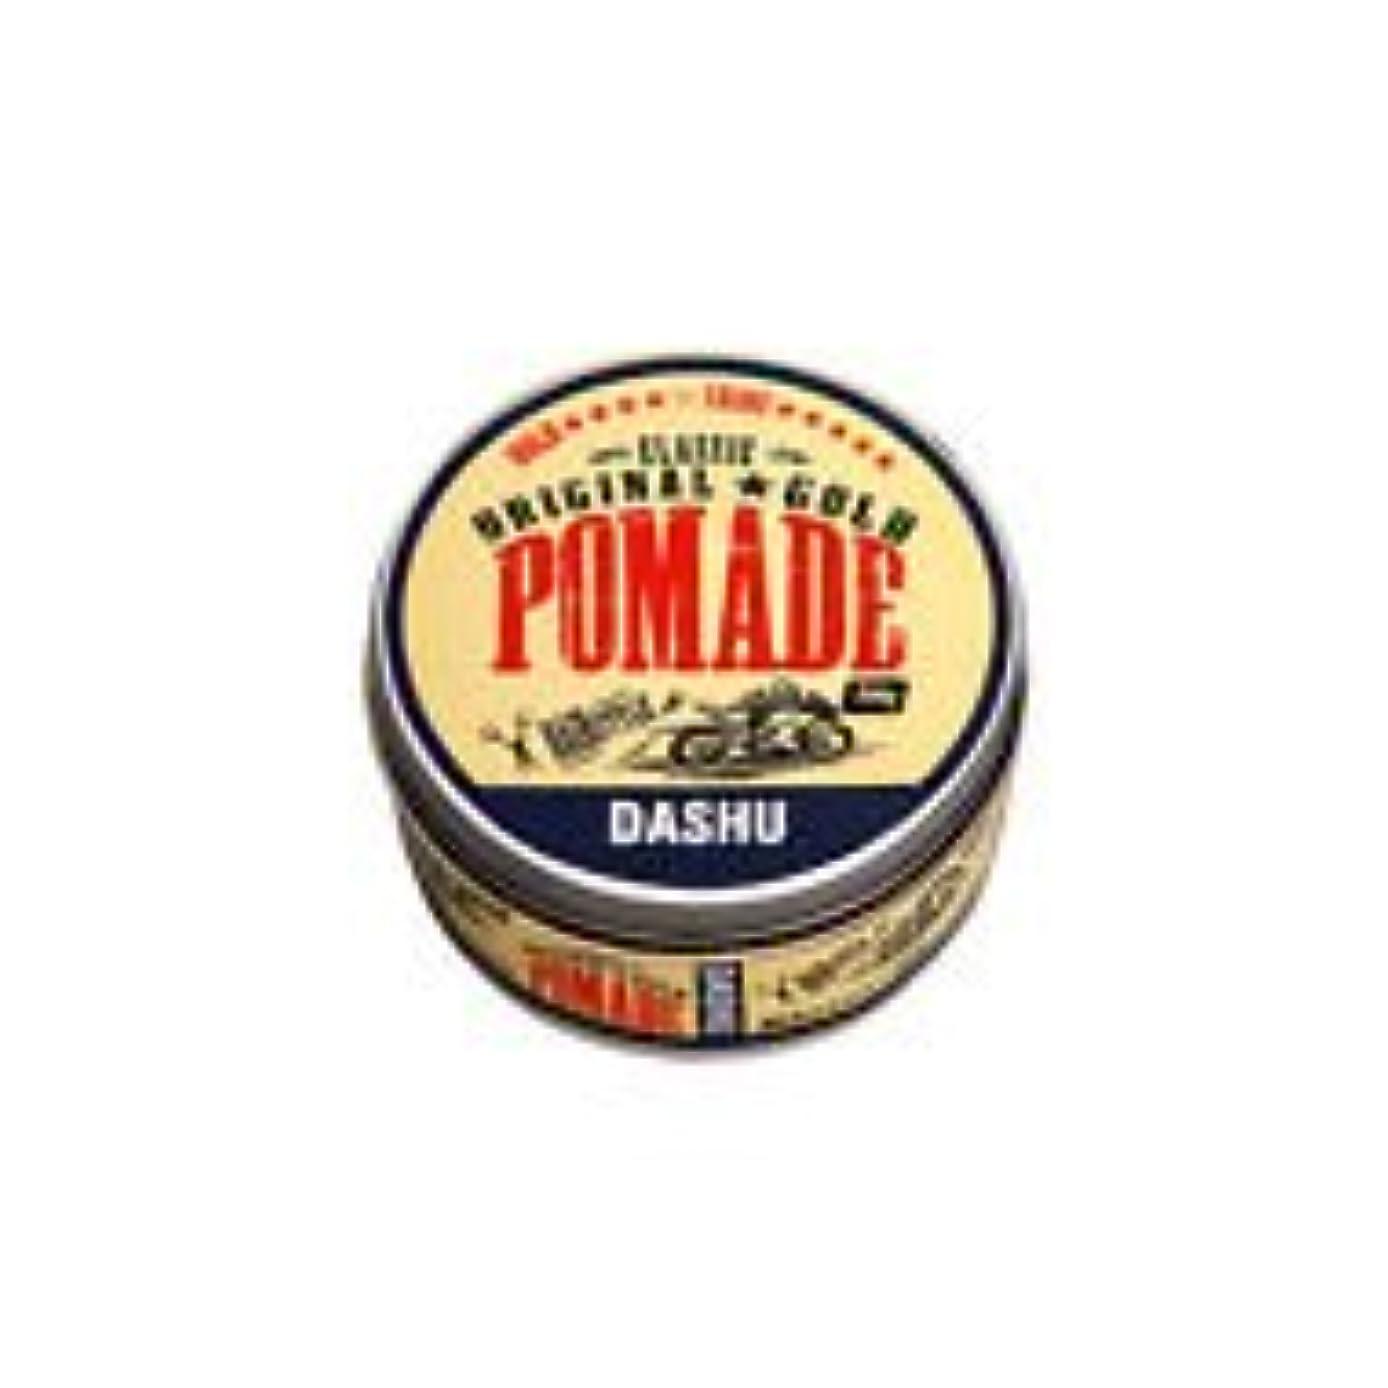 再編成するダウン力学[DASHU] ダシュ クラシックオリジナルゴールドポマードヘアワックス Classic Original Gold Pomade Hair Wax 100ml / 韓国製 . 韓国直送品